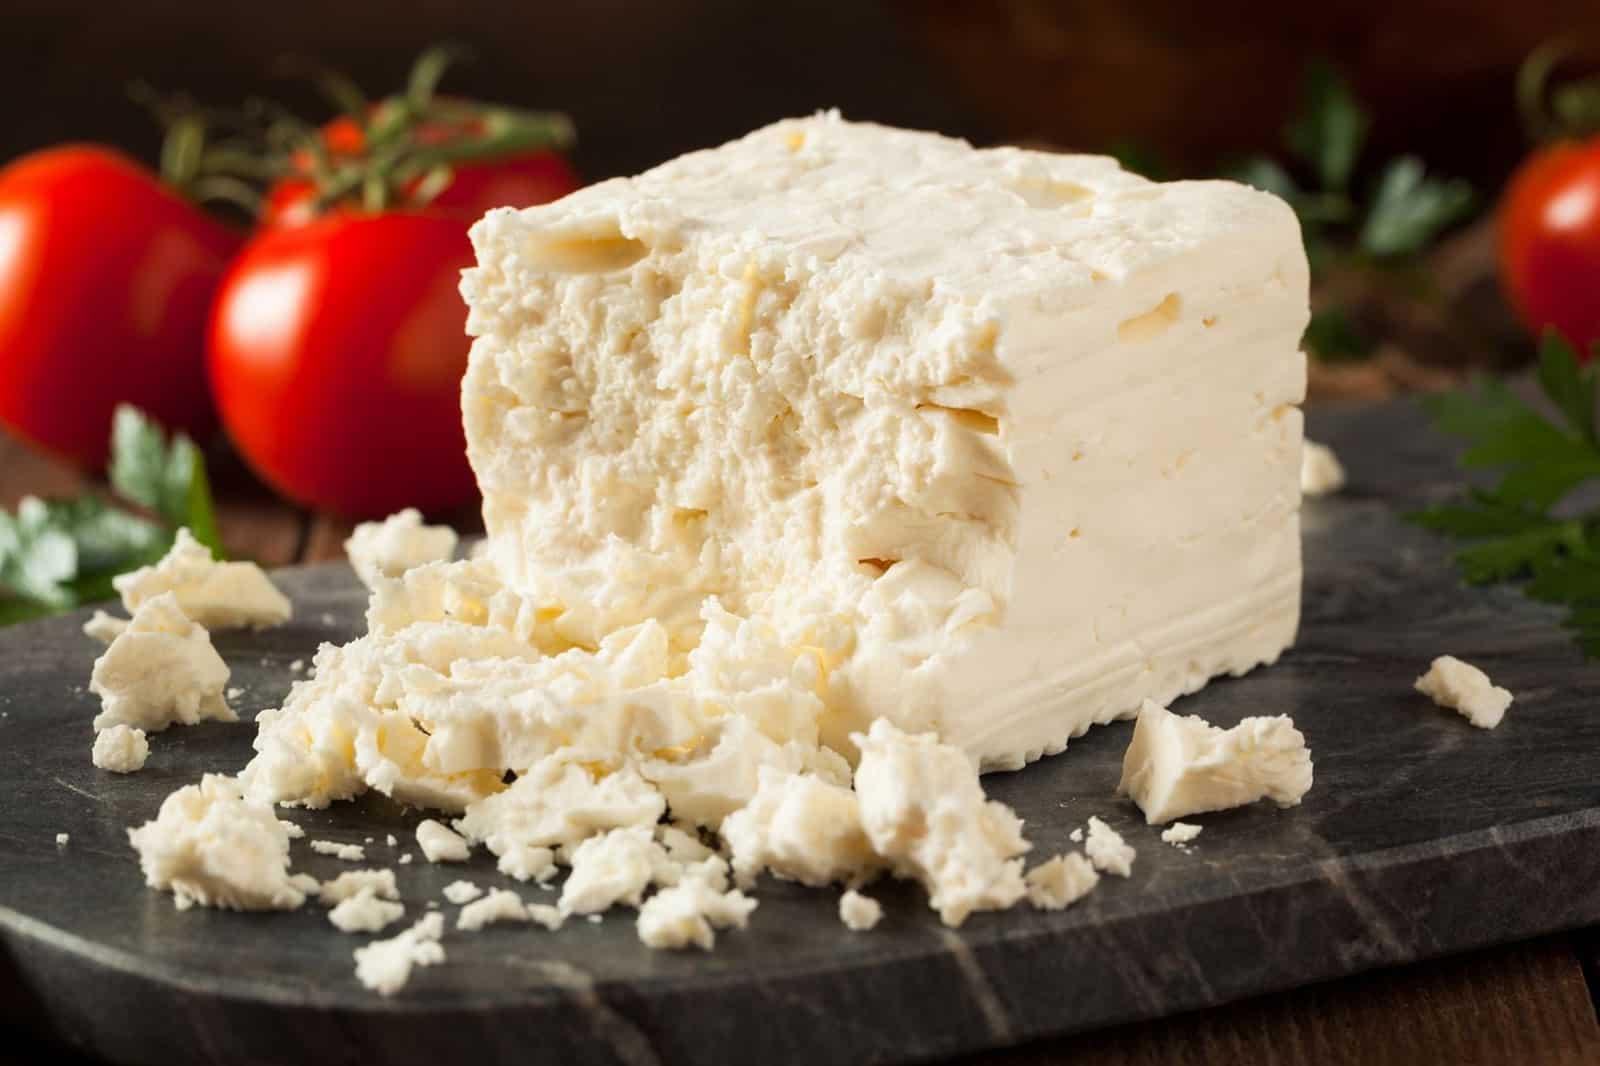 feta formaggio greco